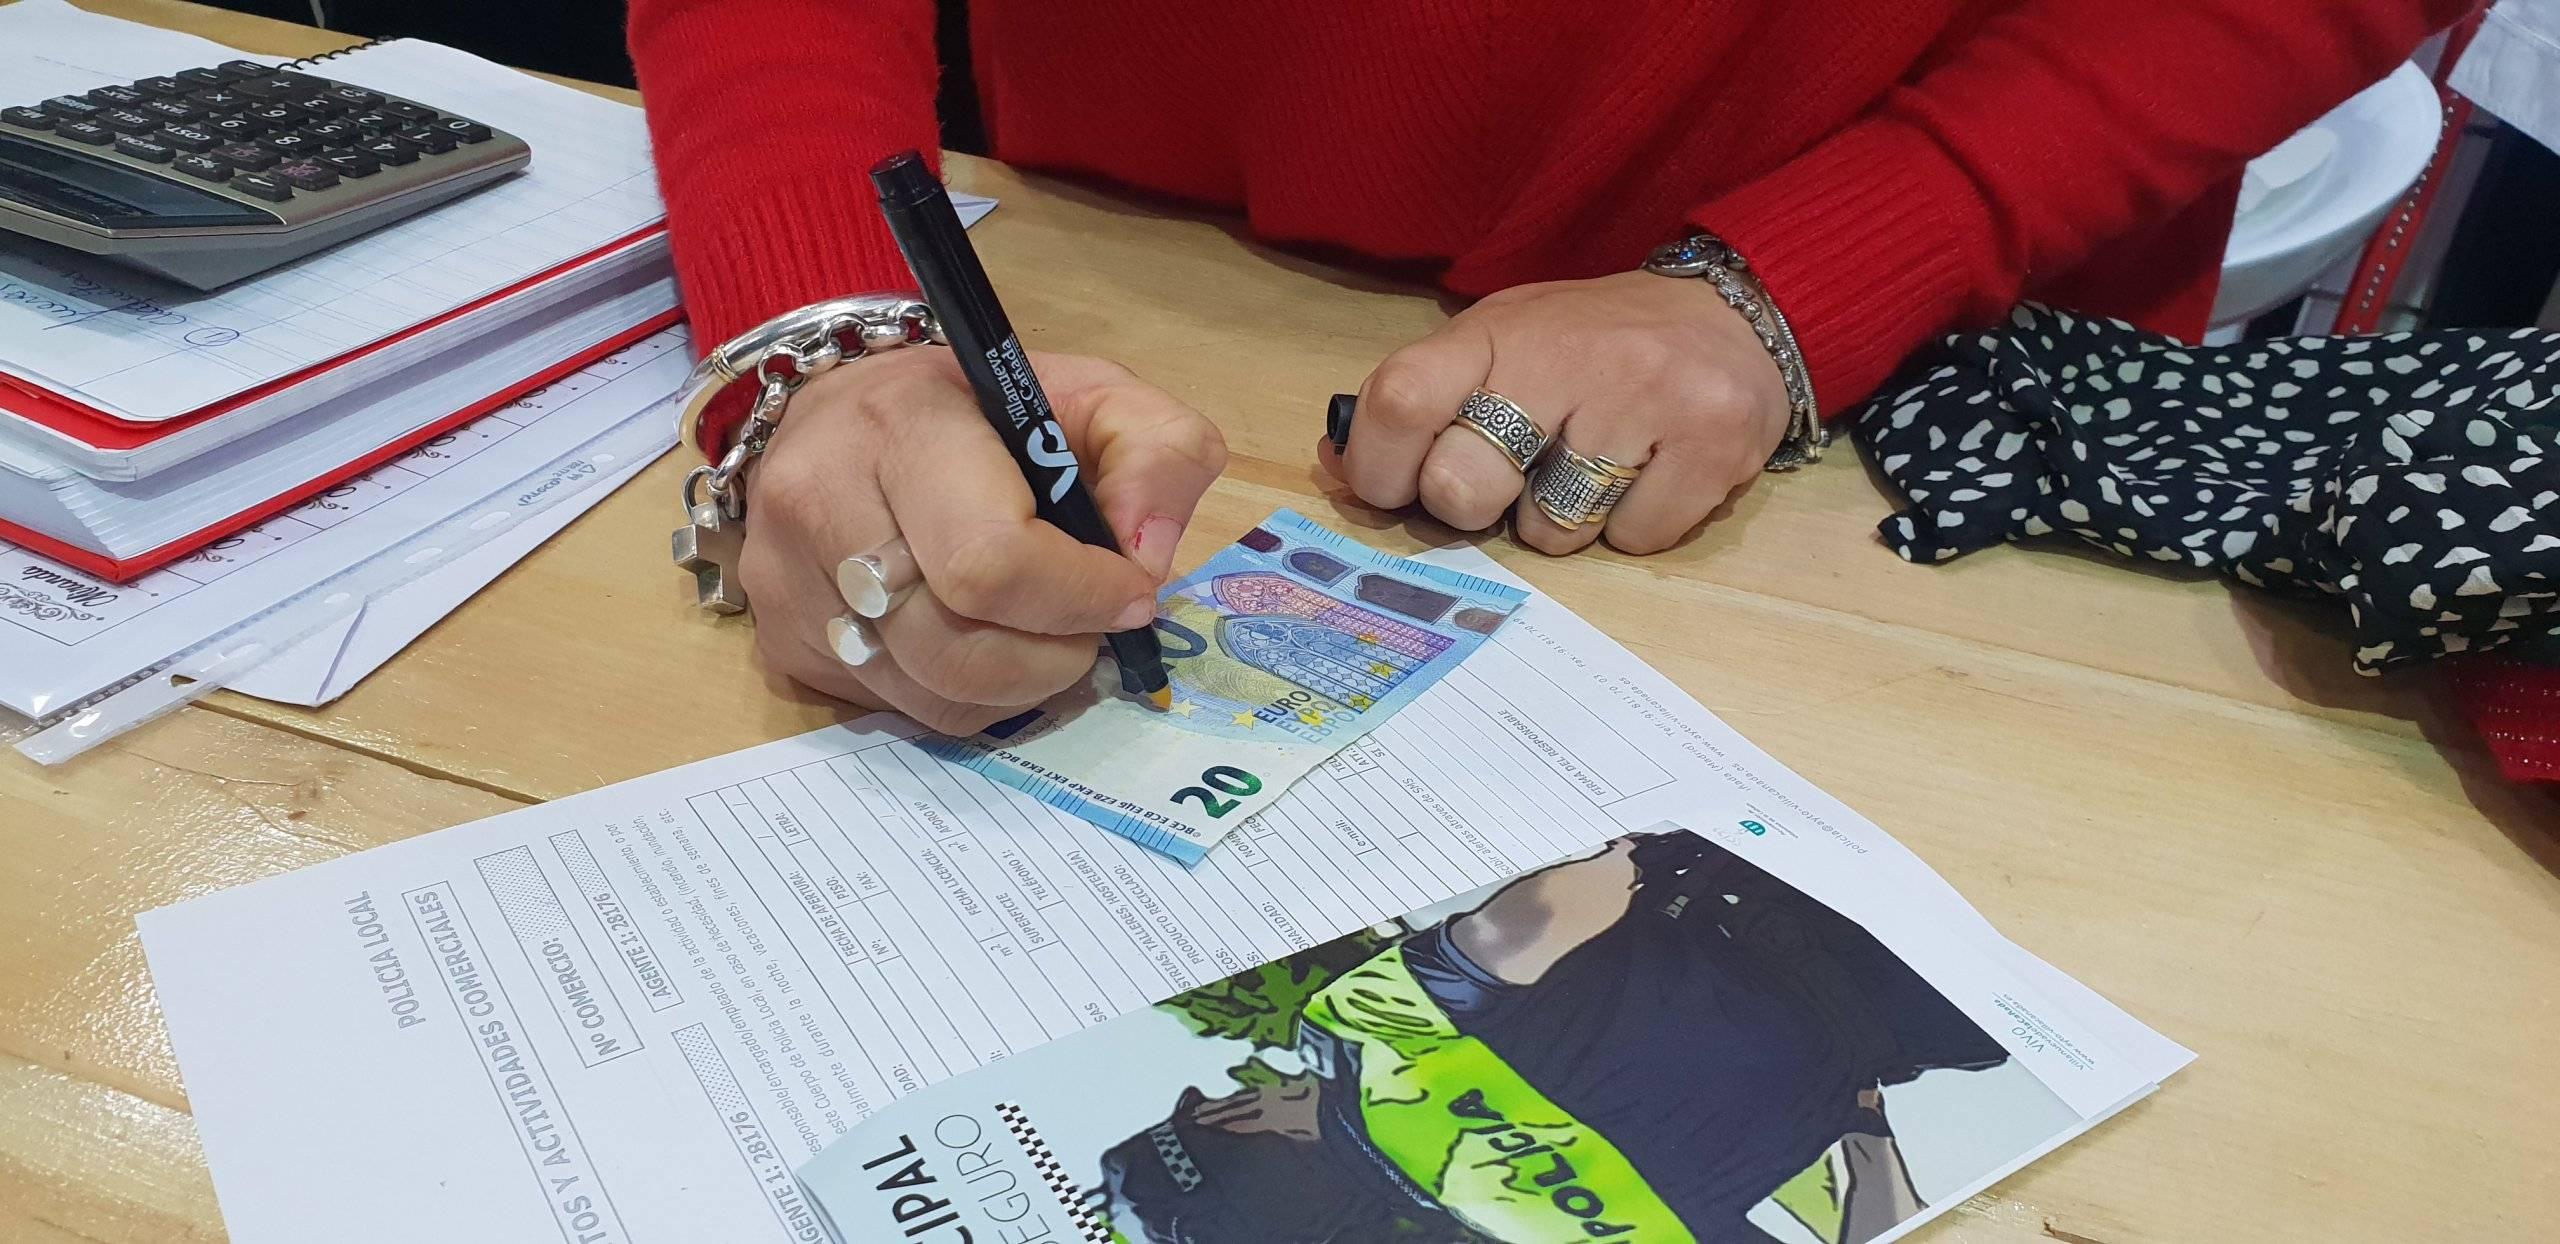 Uno de los bolígrafos de detectores de billetes falsos distribuido por los agentes.